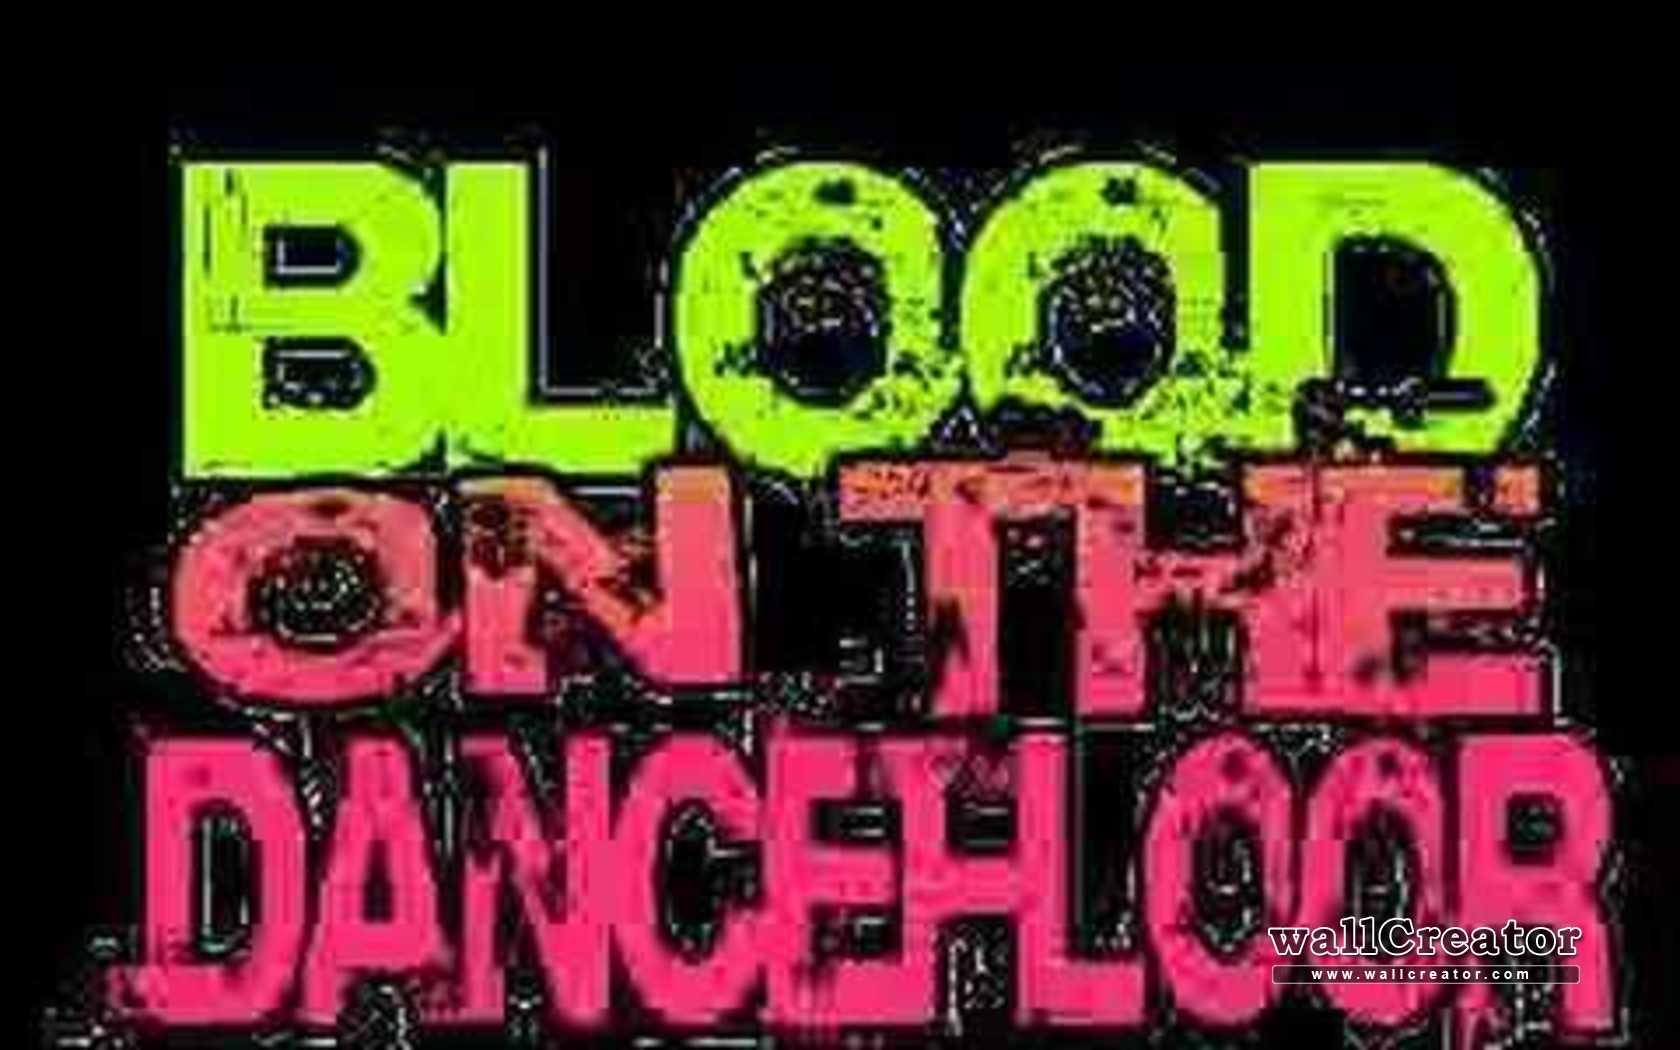 Blood On the Dance Floor   1680 1050 Wallpaper 1680x1050